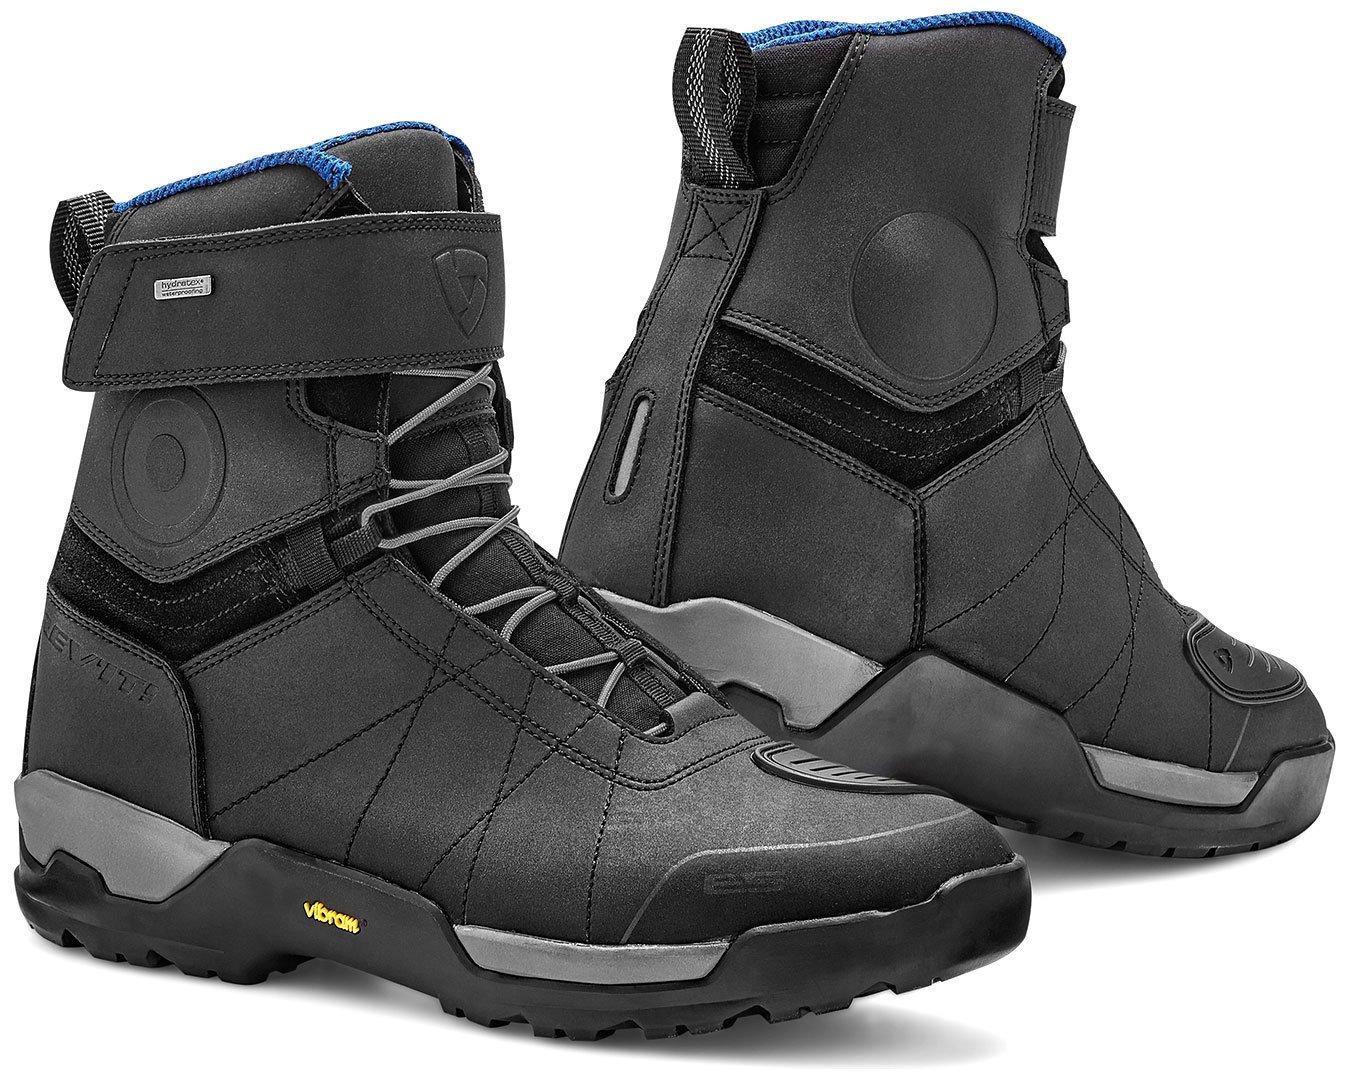 Botas Scout H2O Negro Color REVIT